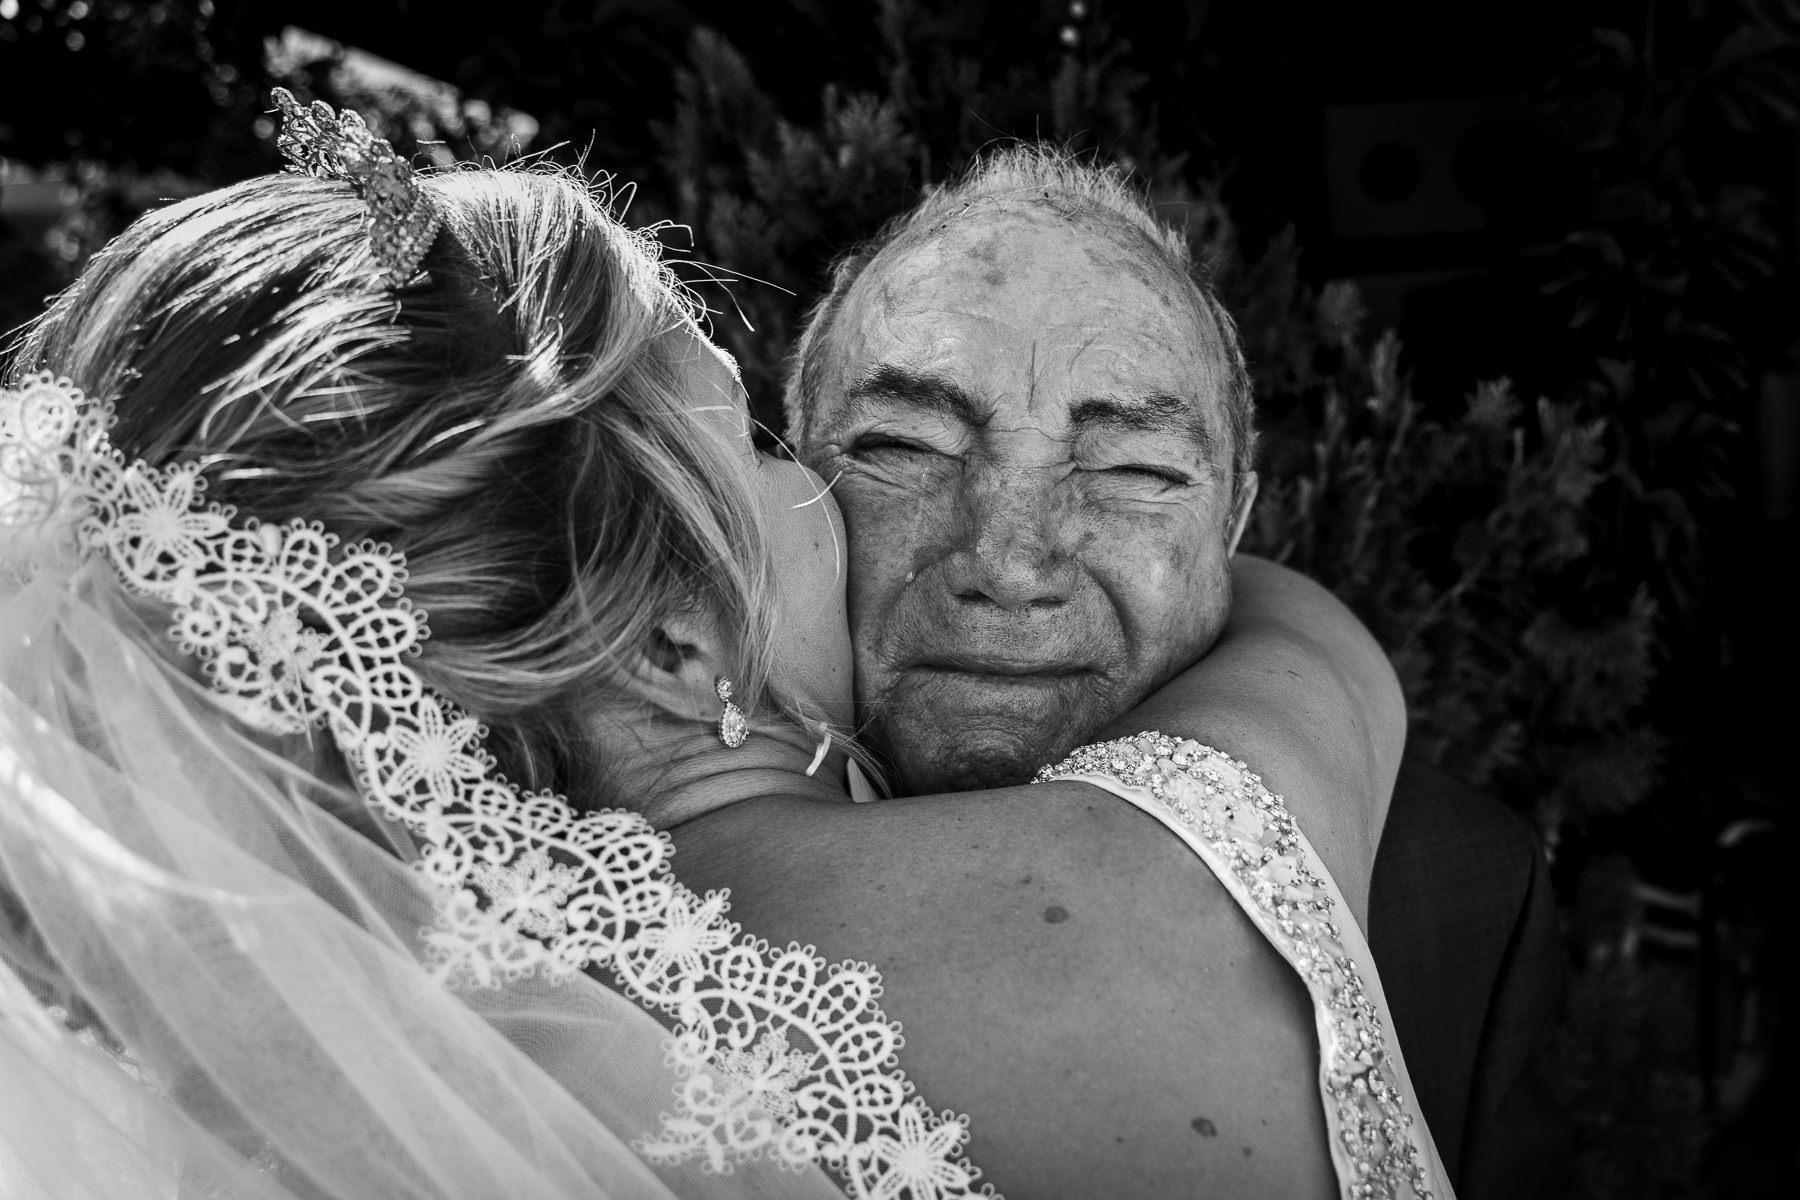 fotografia con emocion en alcala de henares